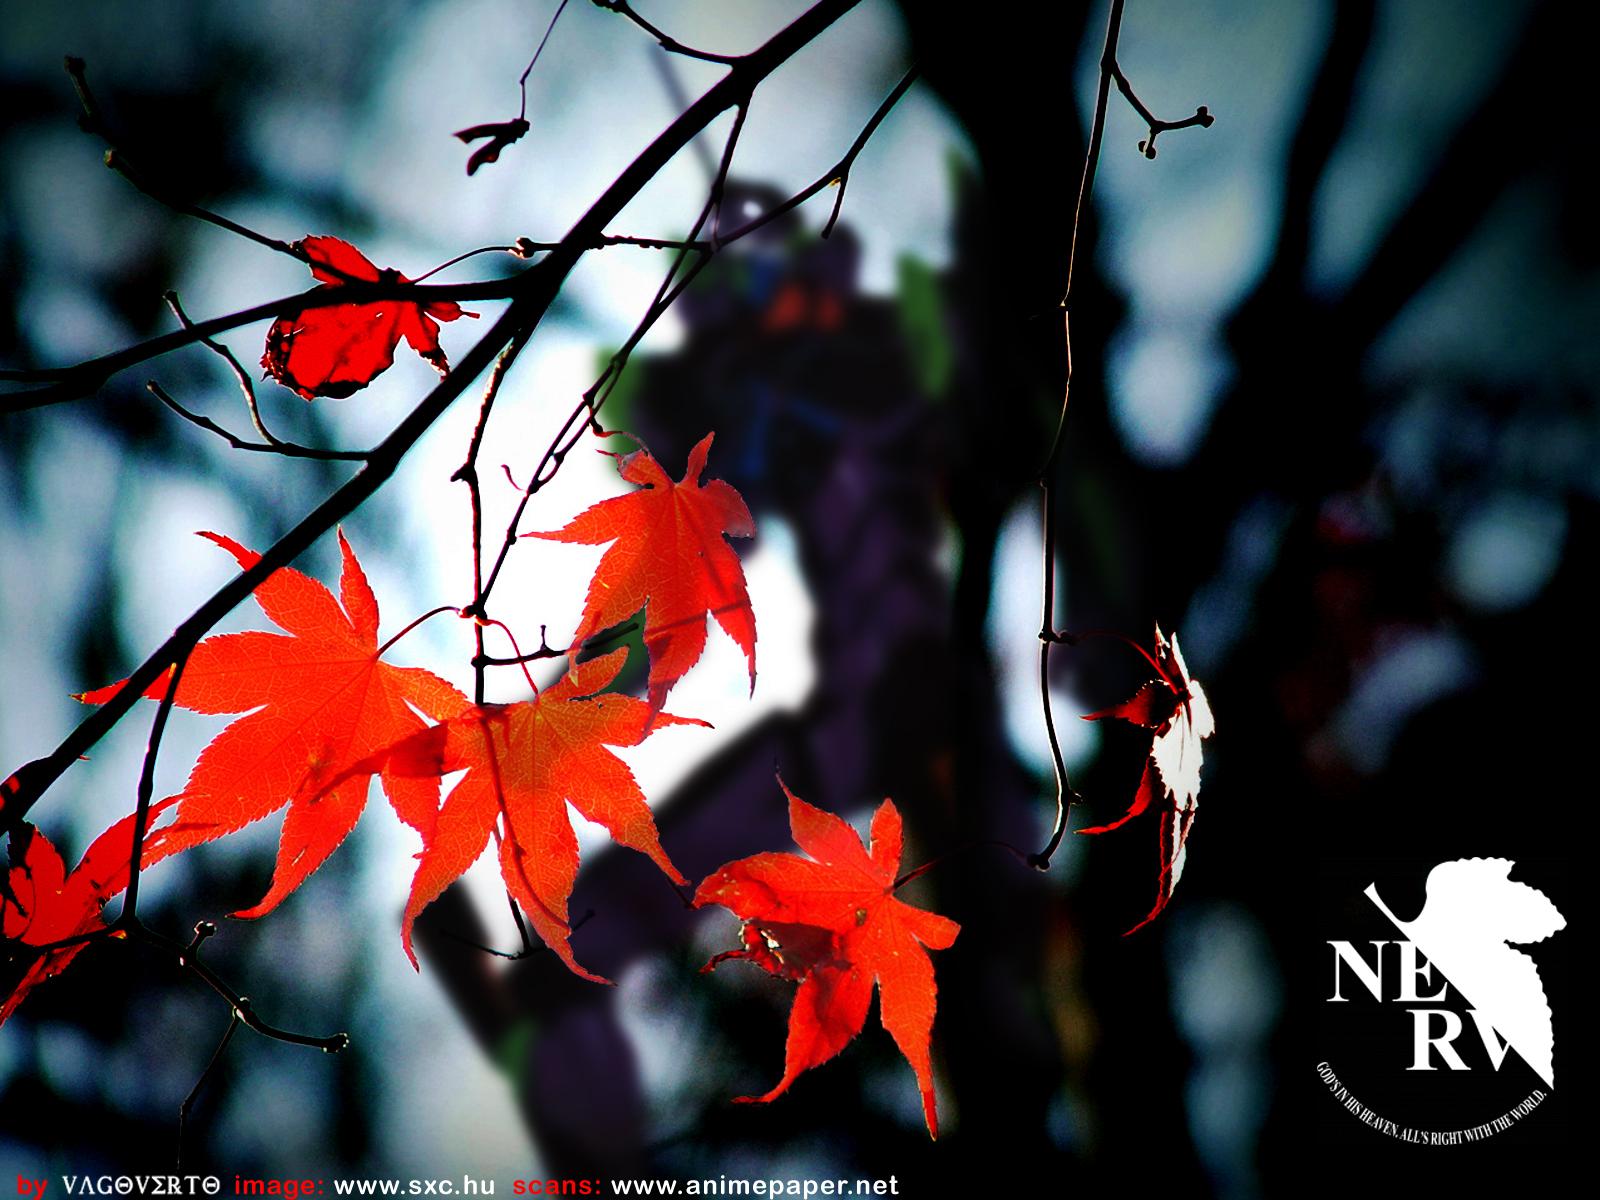 Evangelion Nerv by vagoverto 1600x1200